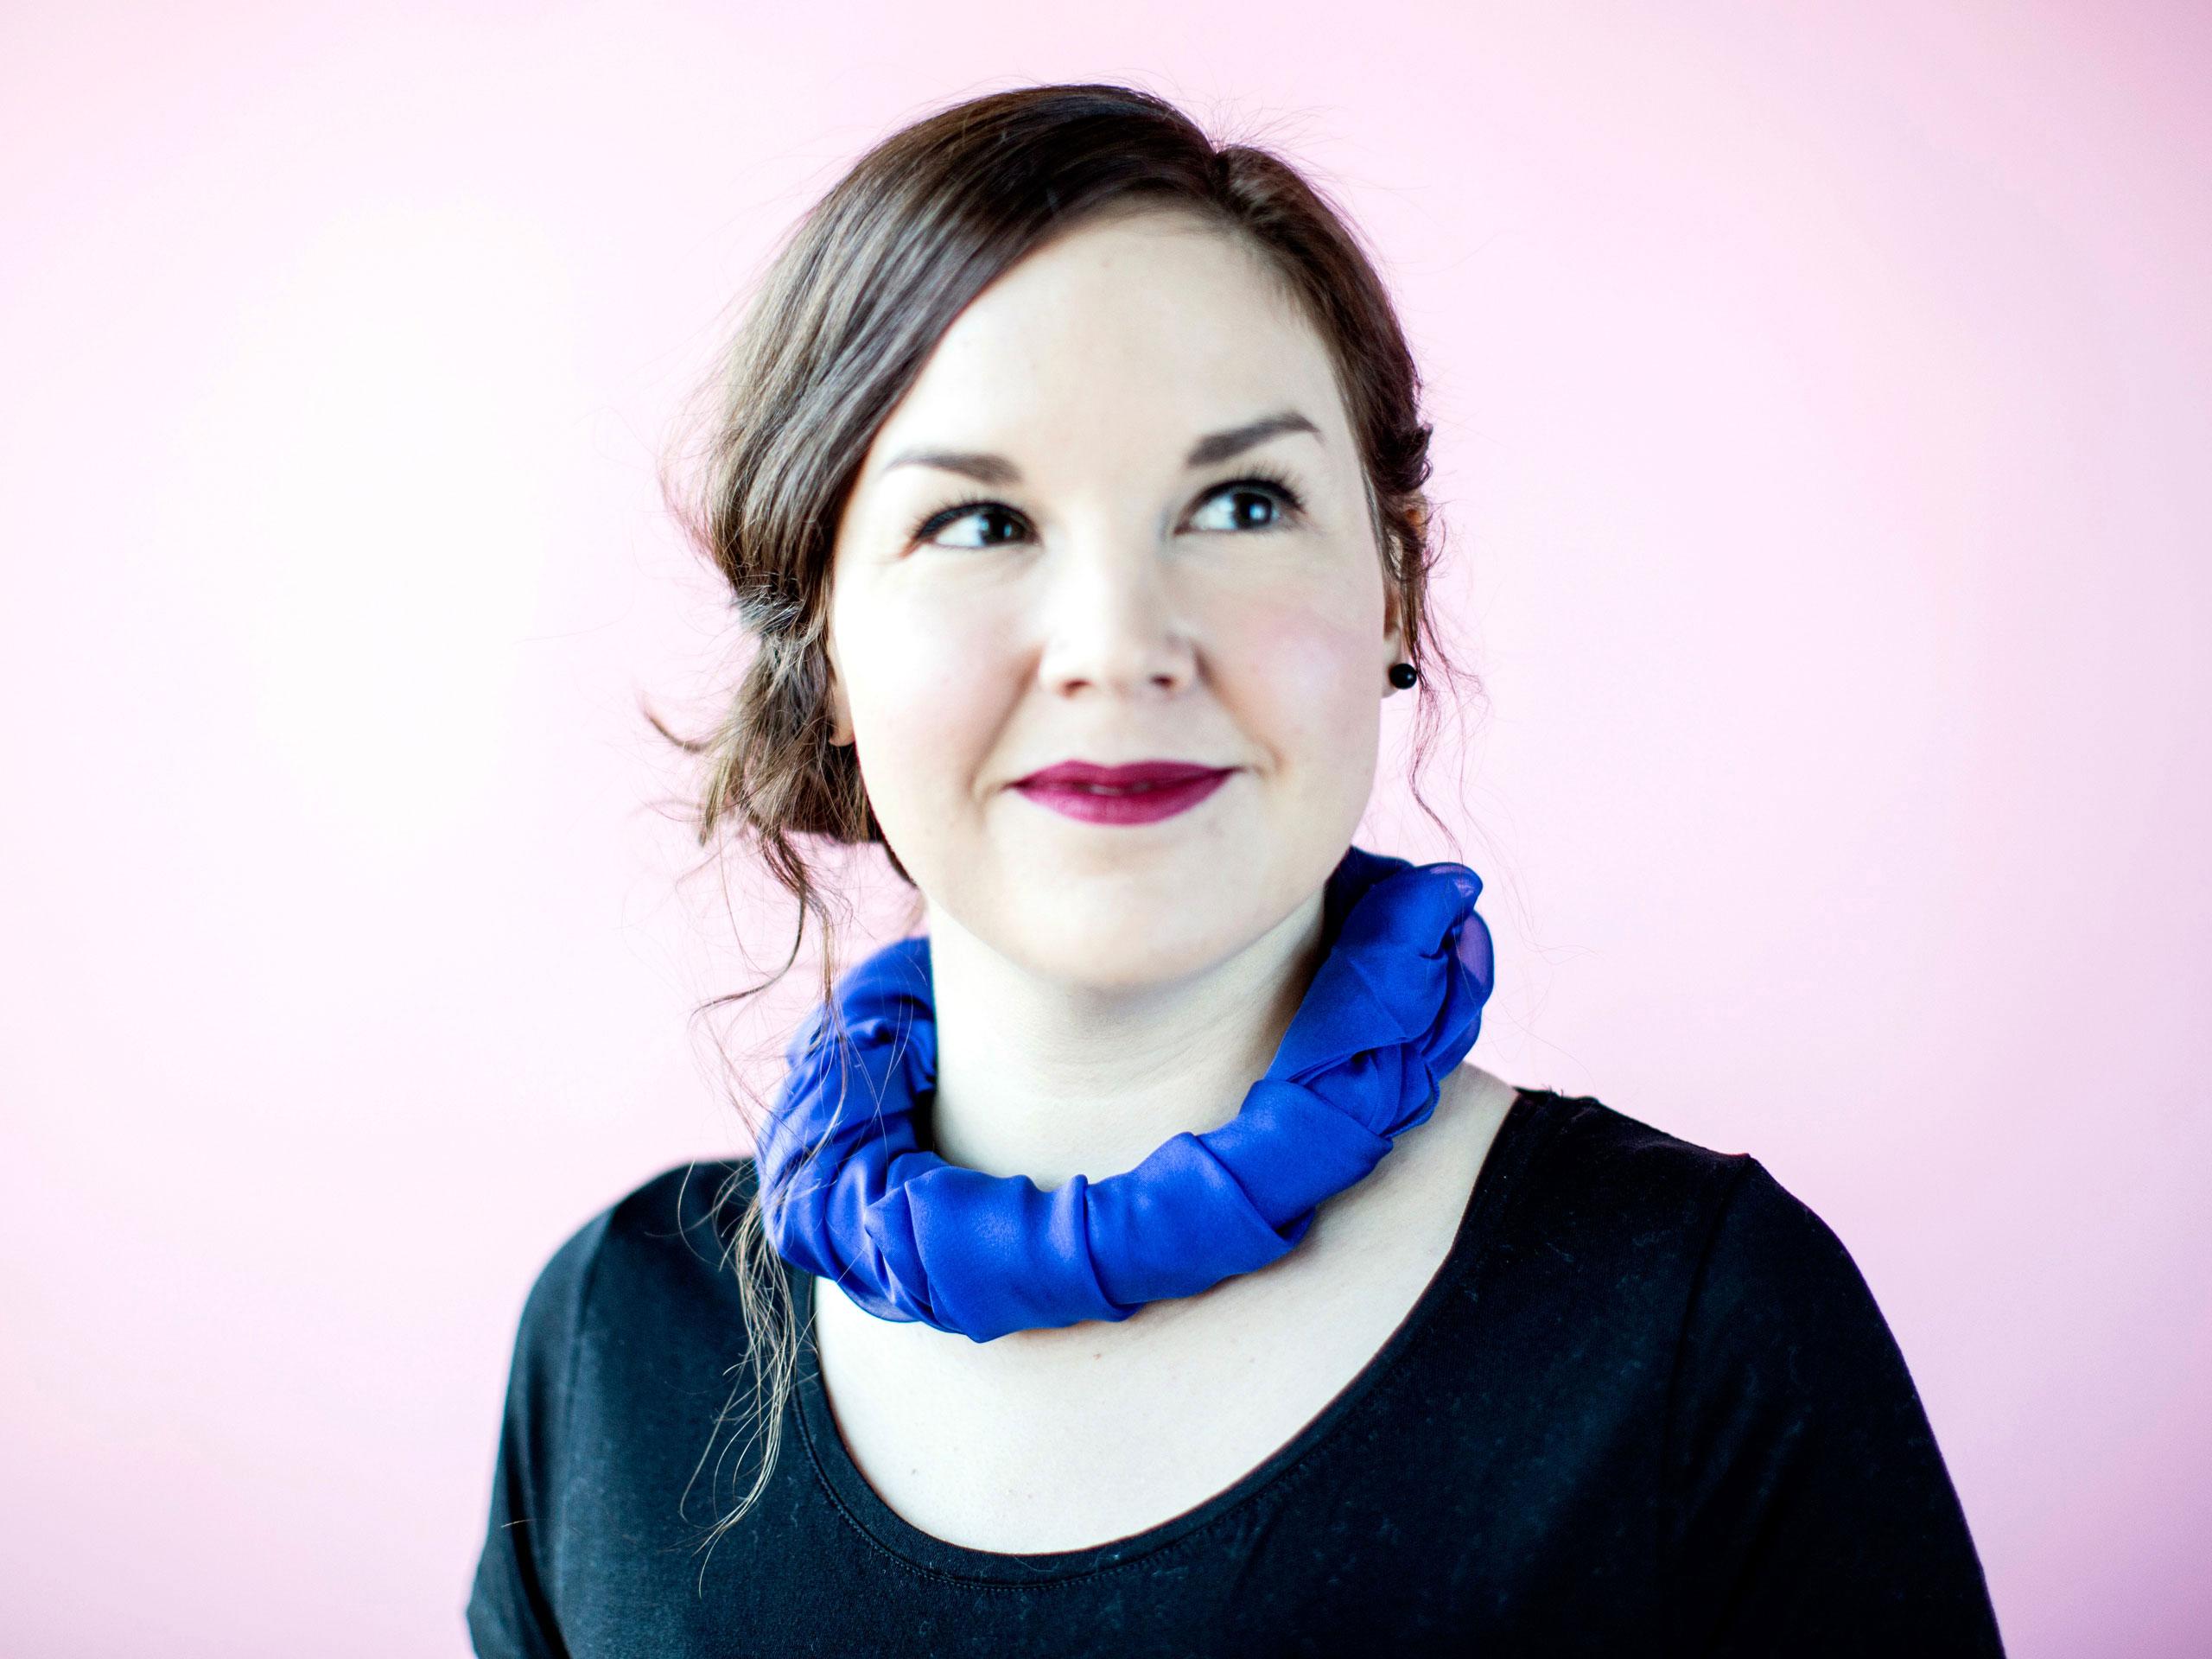 Tervetuloa Marien blogiin – paikkaan, joka on täynnä muotia ja stailausvinkkejä kaikenkokoisille ja kaikenmuotoisille.